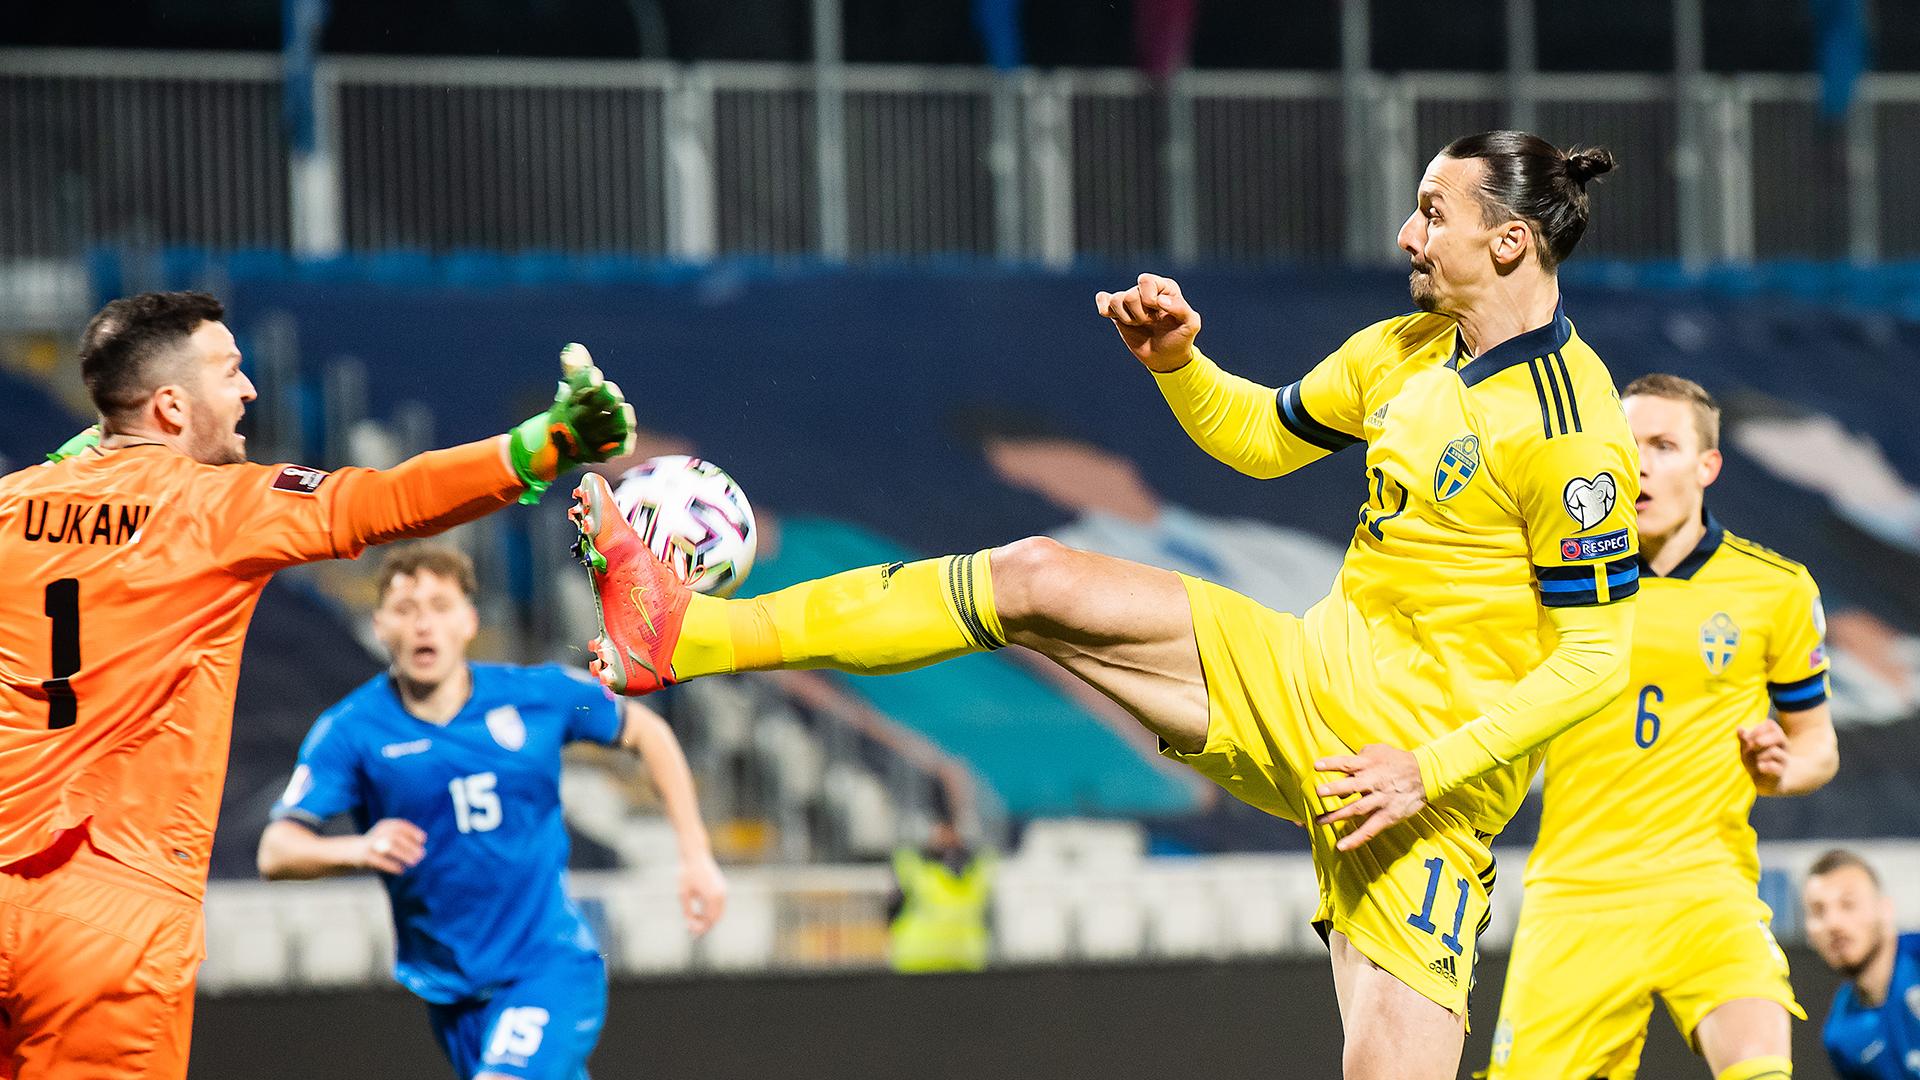 Ibrahimovic menendang bola ke rekan satu timnya untuk mencetak gol.  Selain assist ini, dalam 66 menit di lapangan, striker No. 11 itu memenangkan semua 11 tembakan udara, meluncurkan tiga operan penting dan menciptakan peluang untuk makan.  Foto: Svensk Fotboll